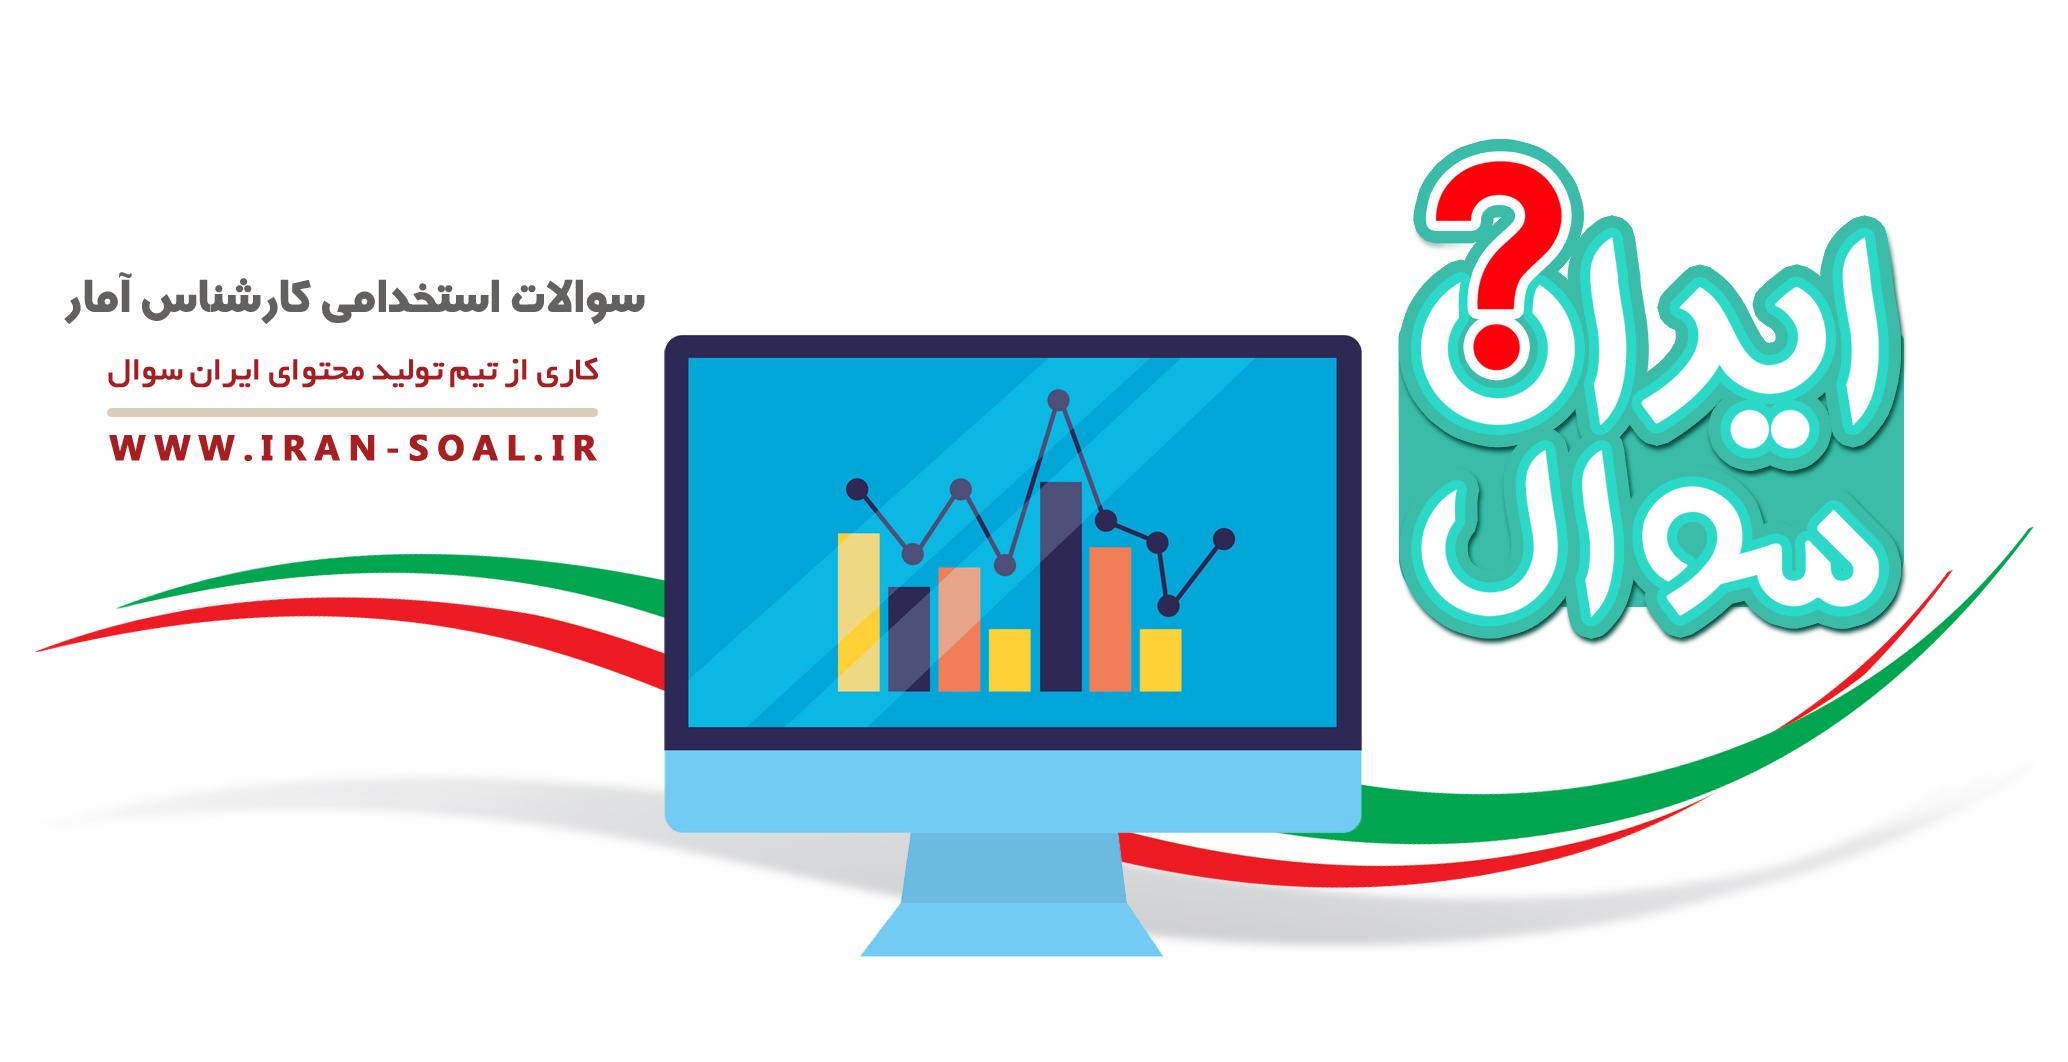 سوالات استخدامی کارشناس آمار آموزش و پرورش